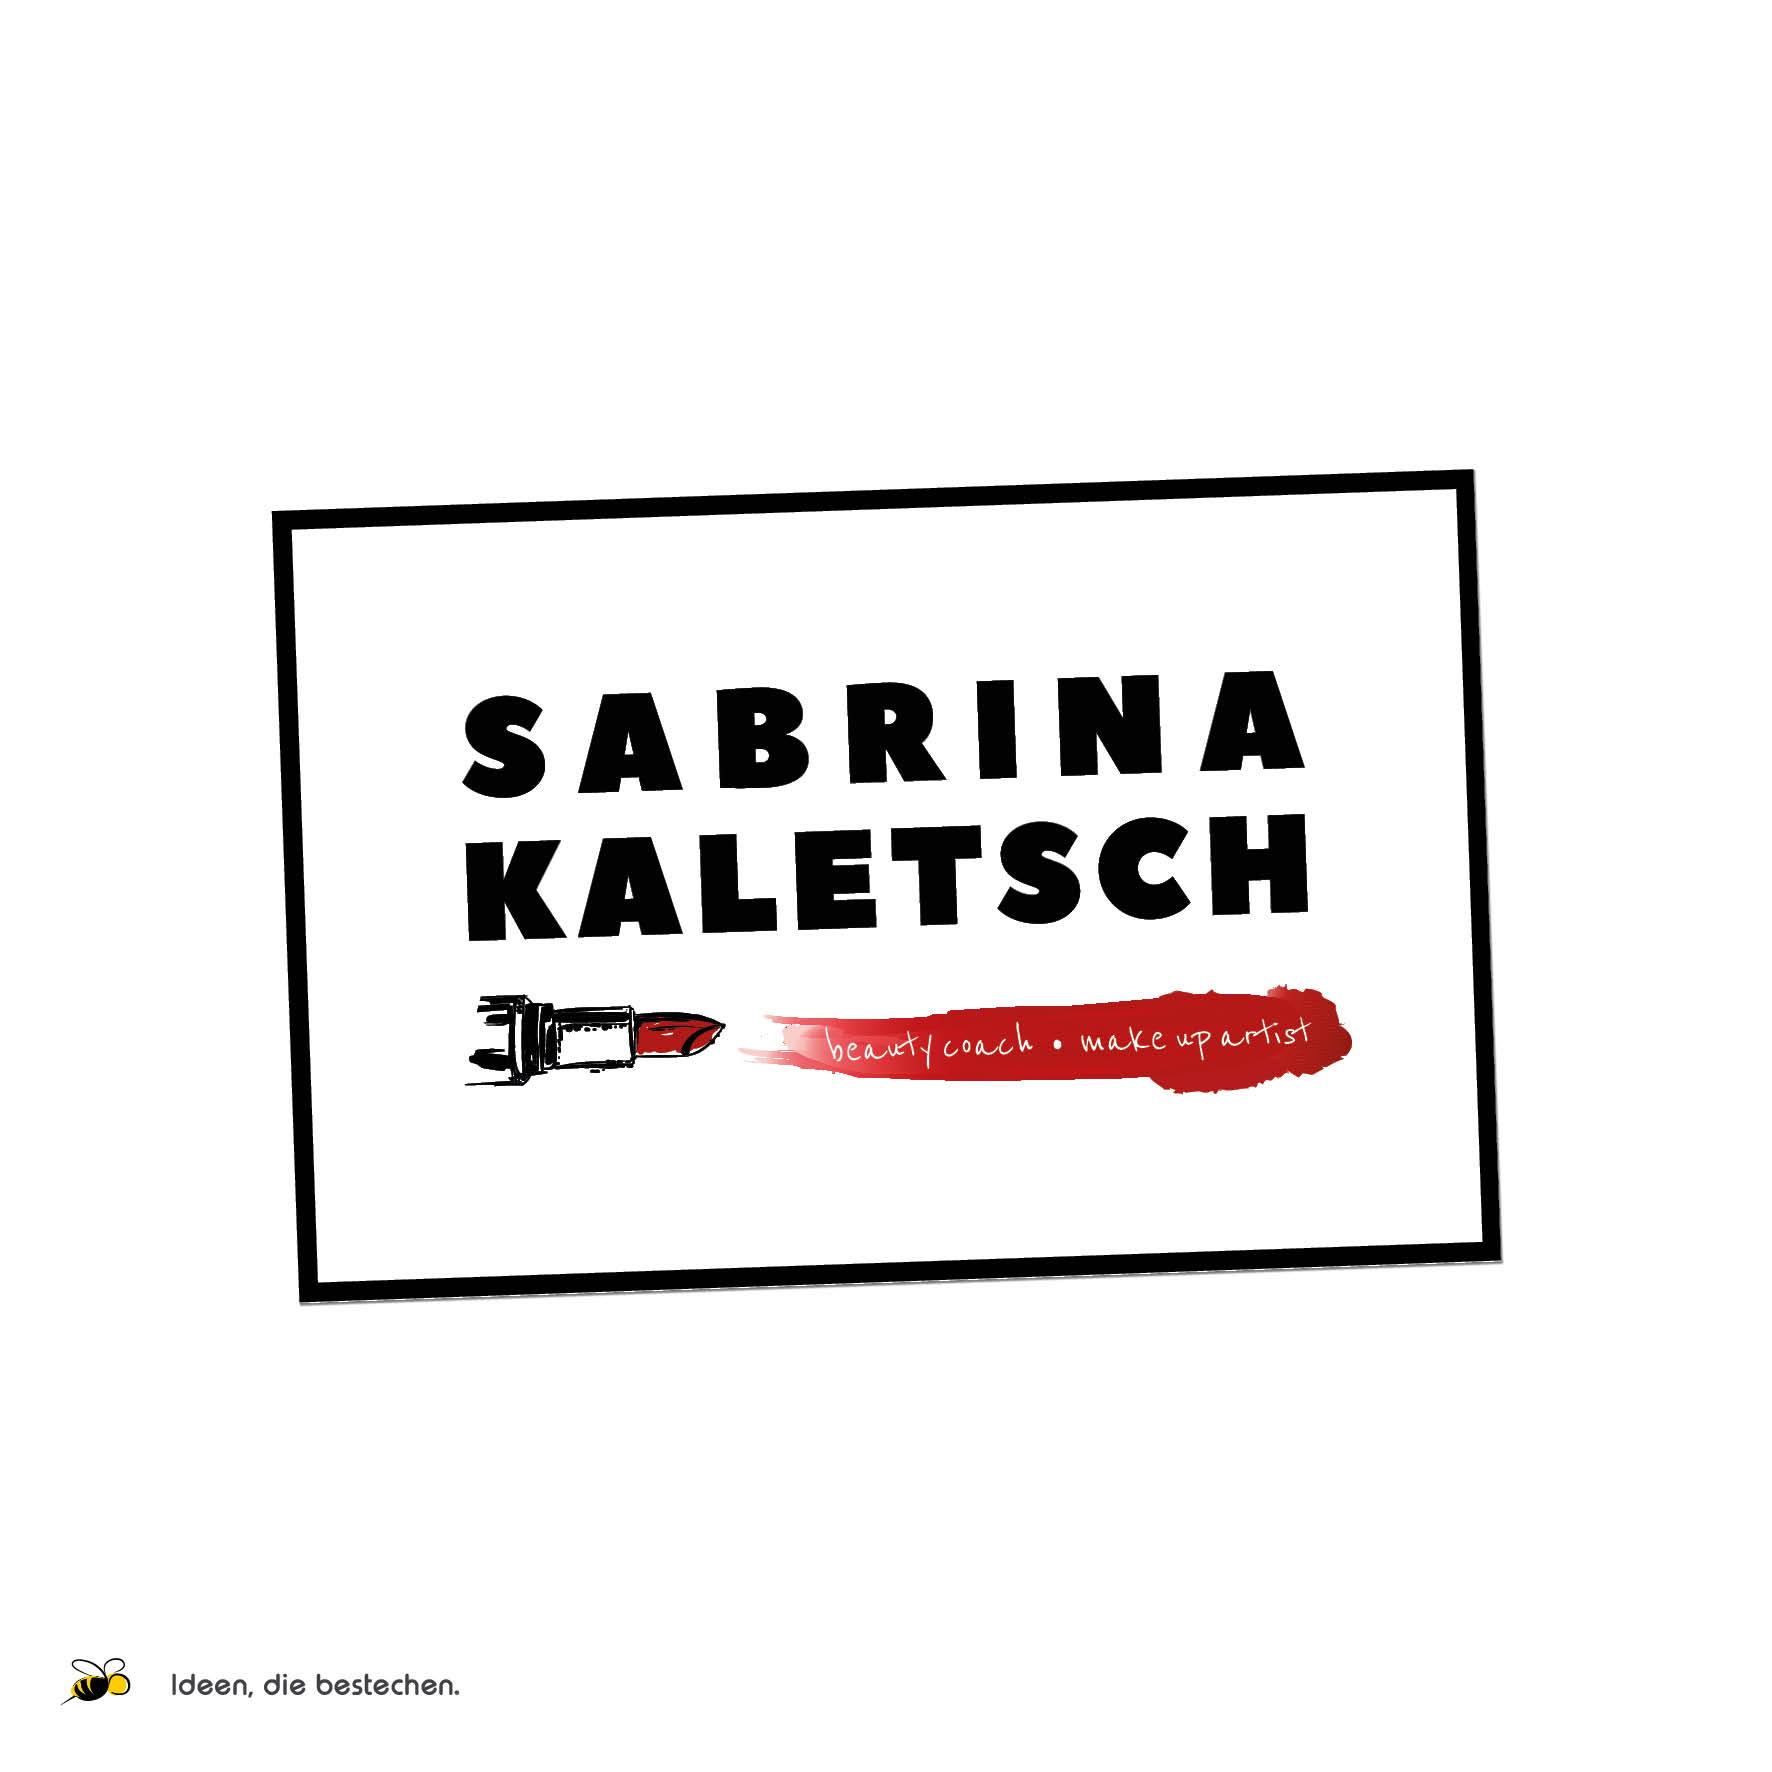 """Referenzen kreativbiene: Corporate Design """"Sabrina Kaletsch"""""""